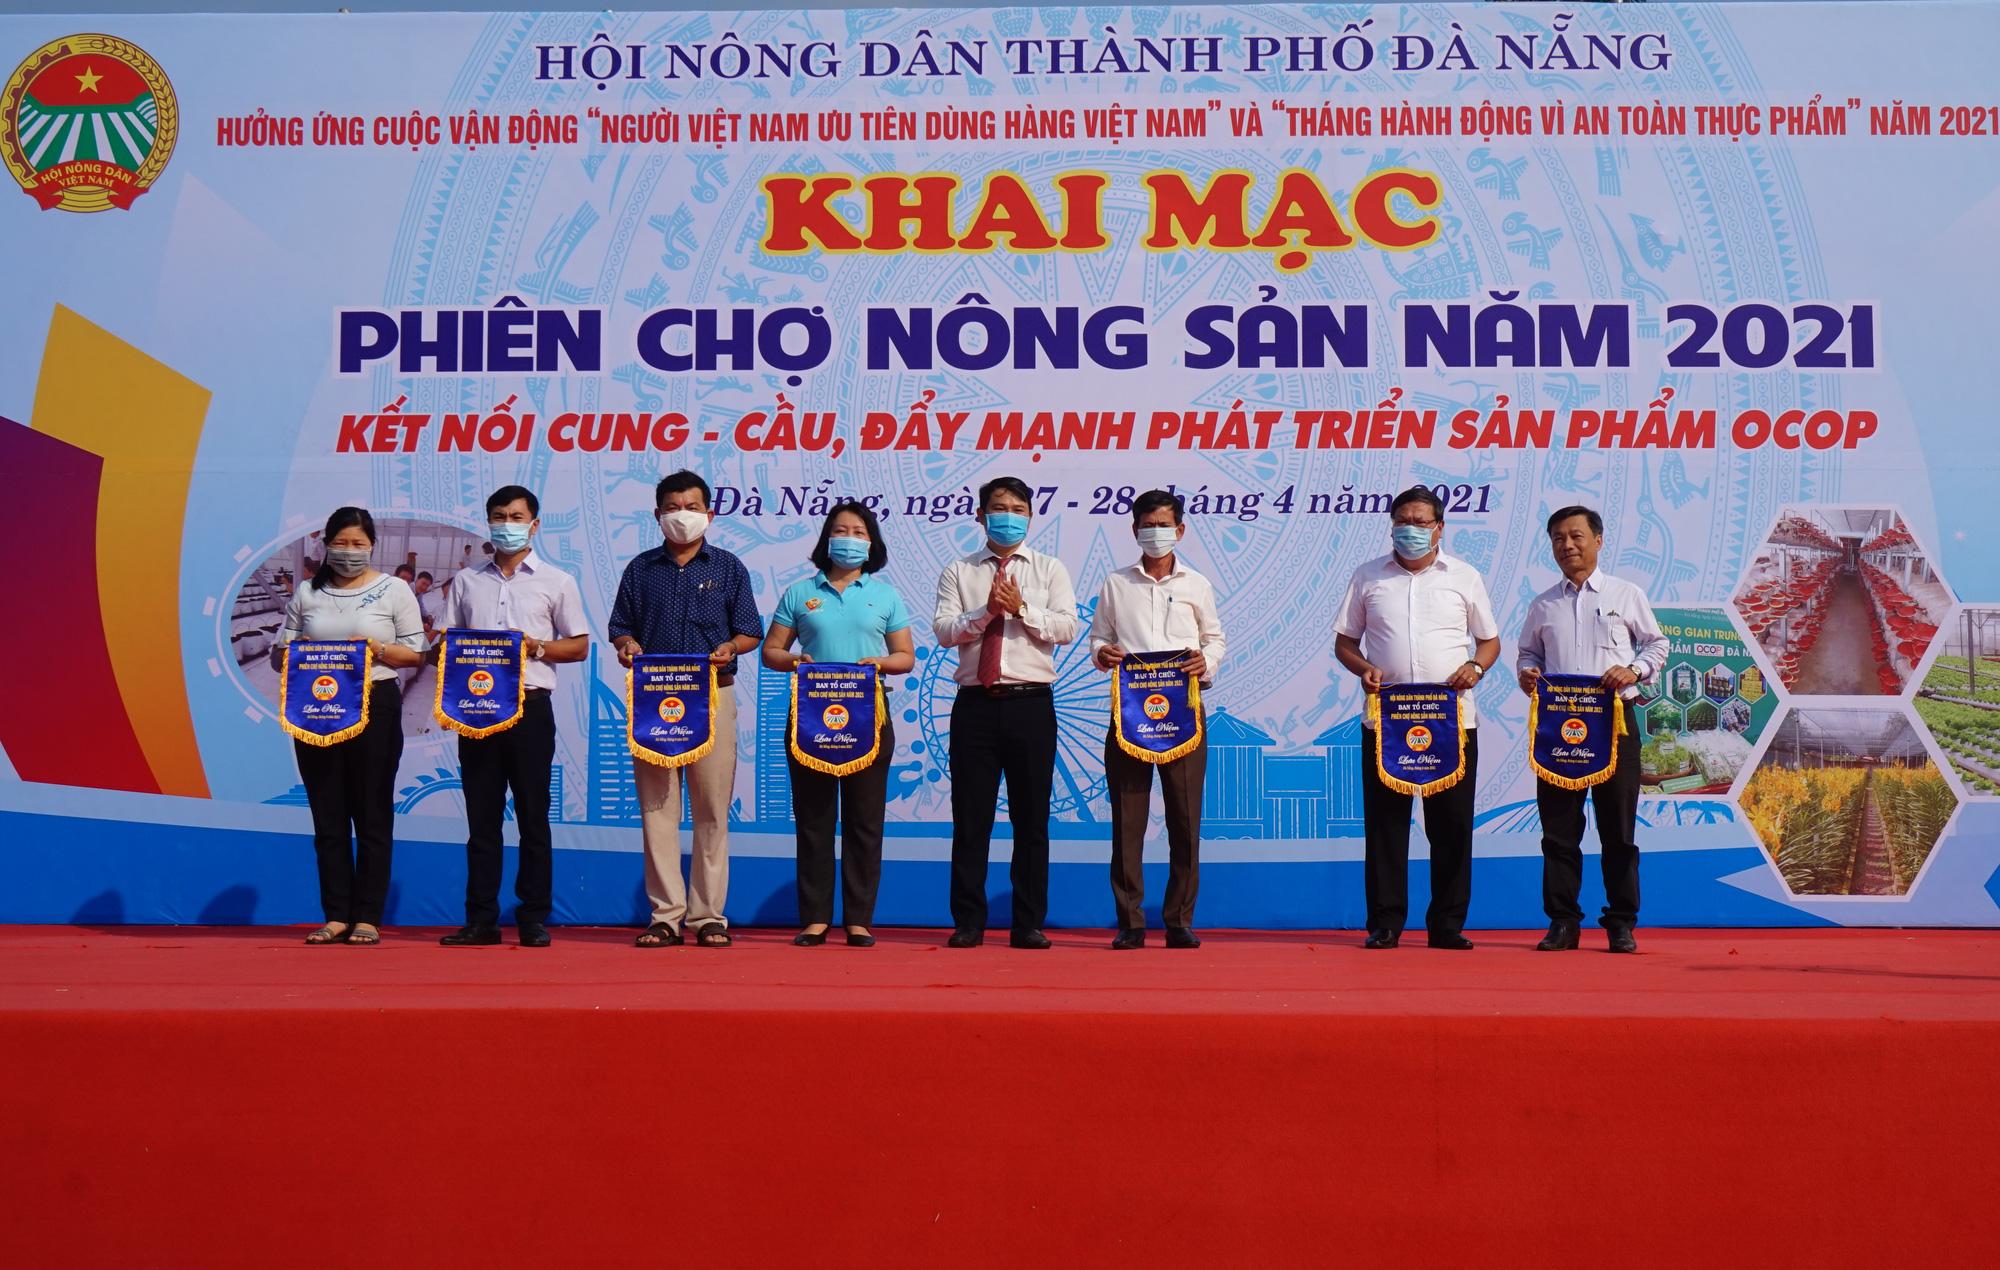 Đà Nẵng: Sản phẩm OCOP, rau sạch hút hàng tại Phiên sợ nông sản - Ảnh 1.